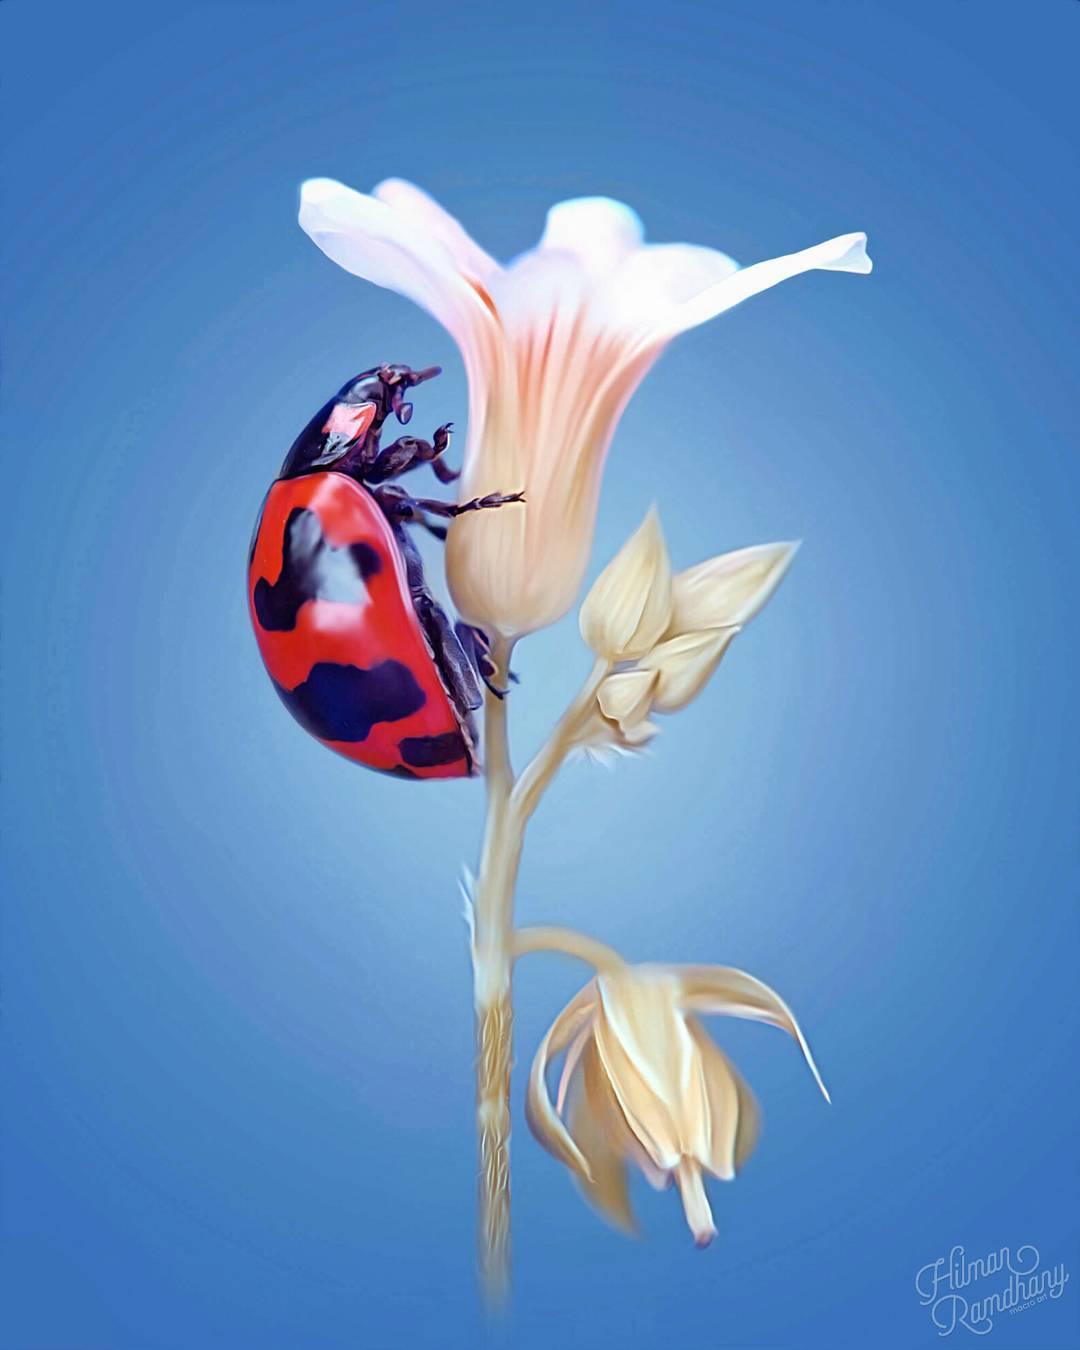 Макрофотографии насекомых от Hilman Ramdhany